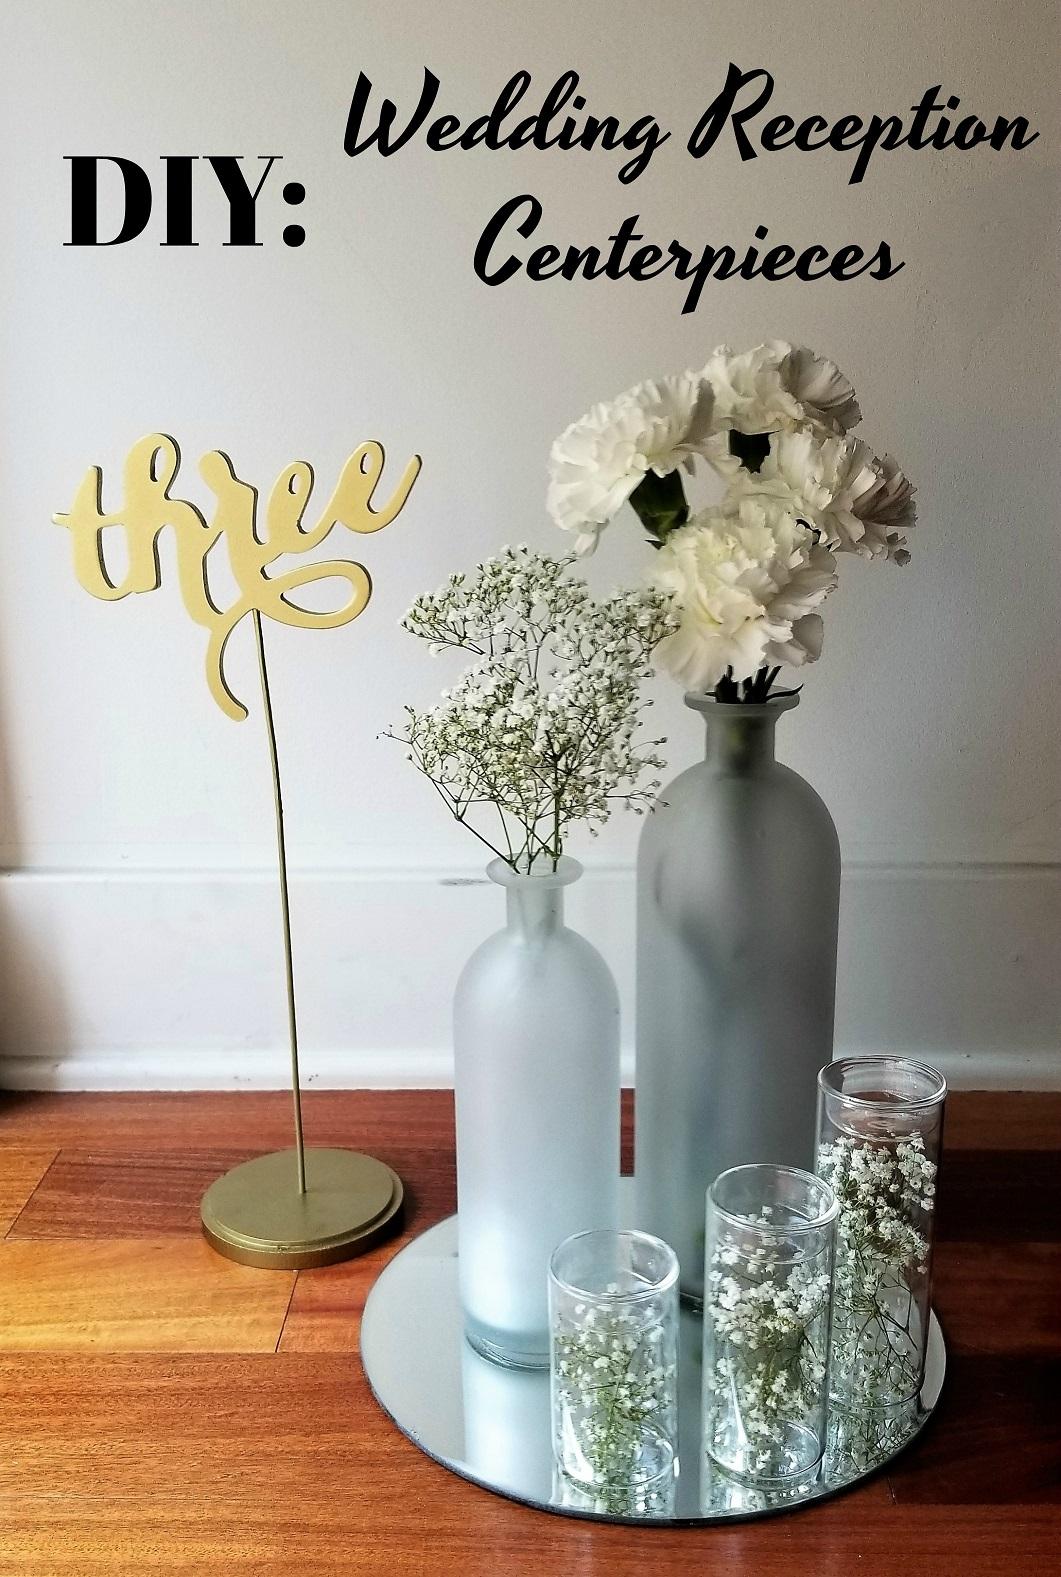 DIY Inexpensive Wedding Reception Centerpieces - La Vie en ...